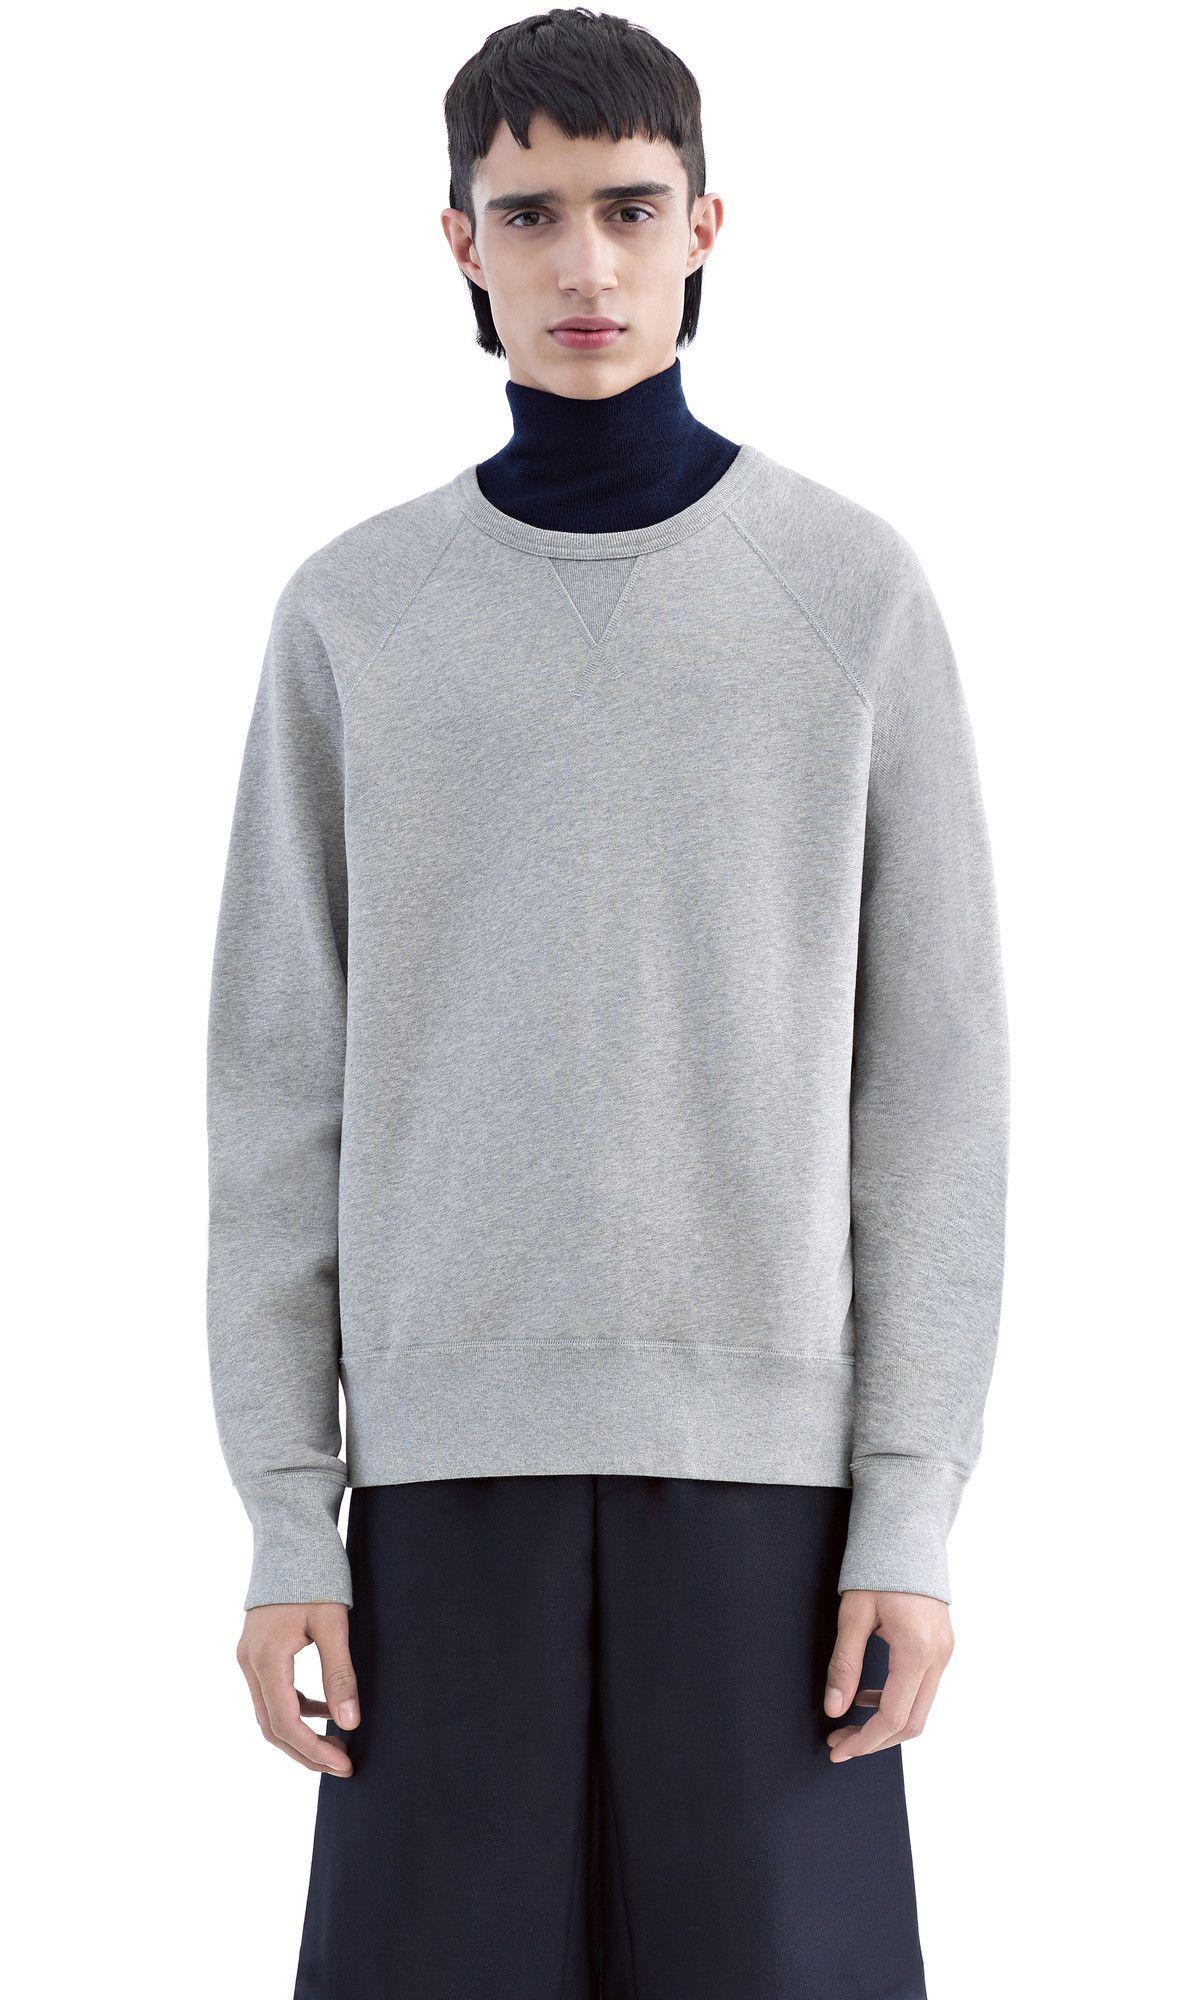 ACNE STUDIOS College Grey Melange. #acnestudios #cloth #sweatshirts